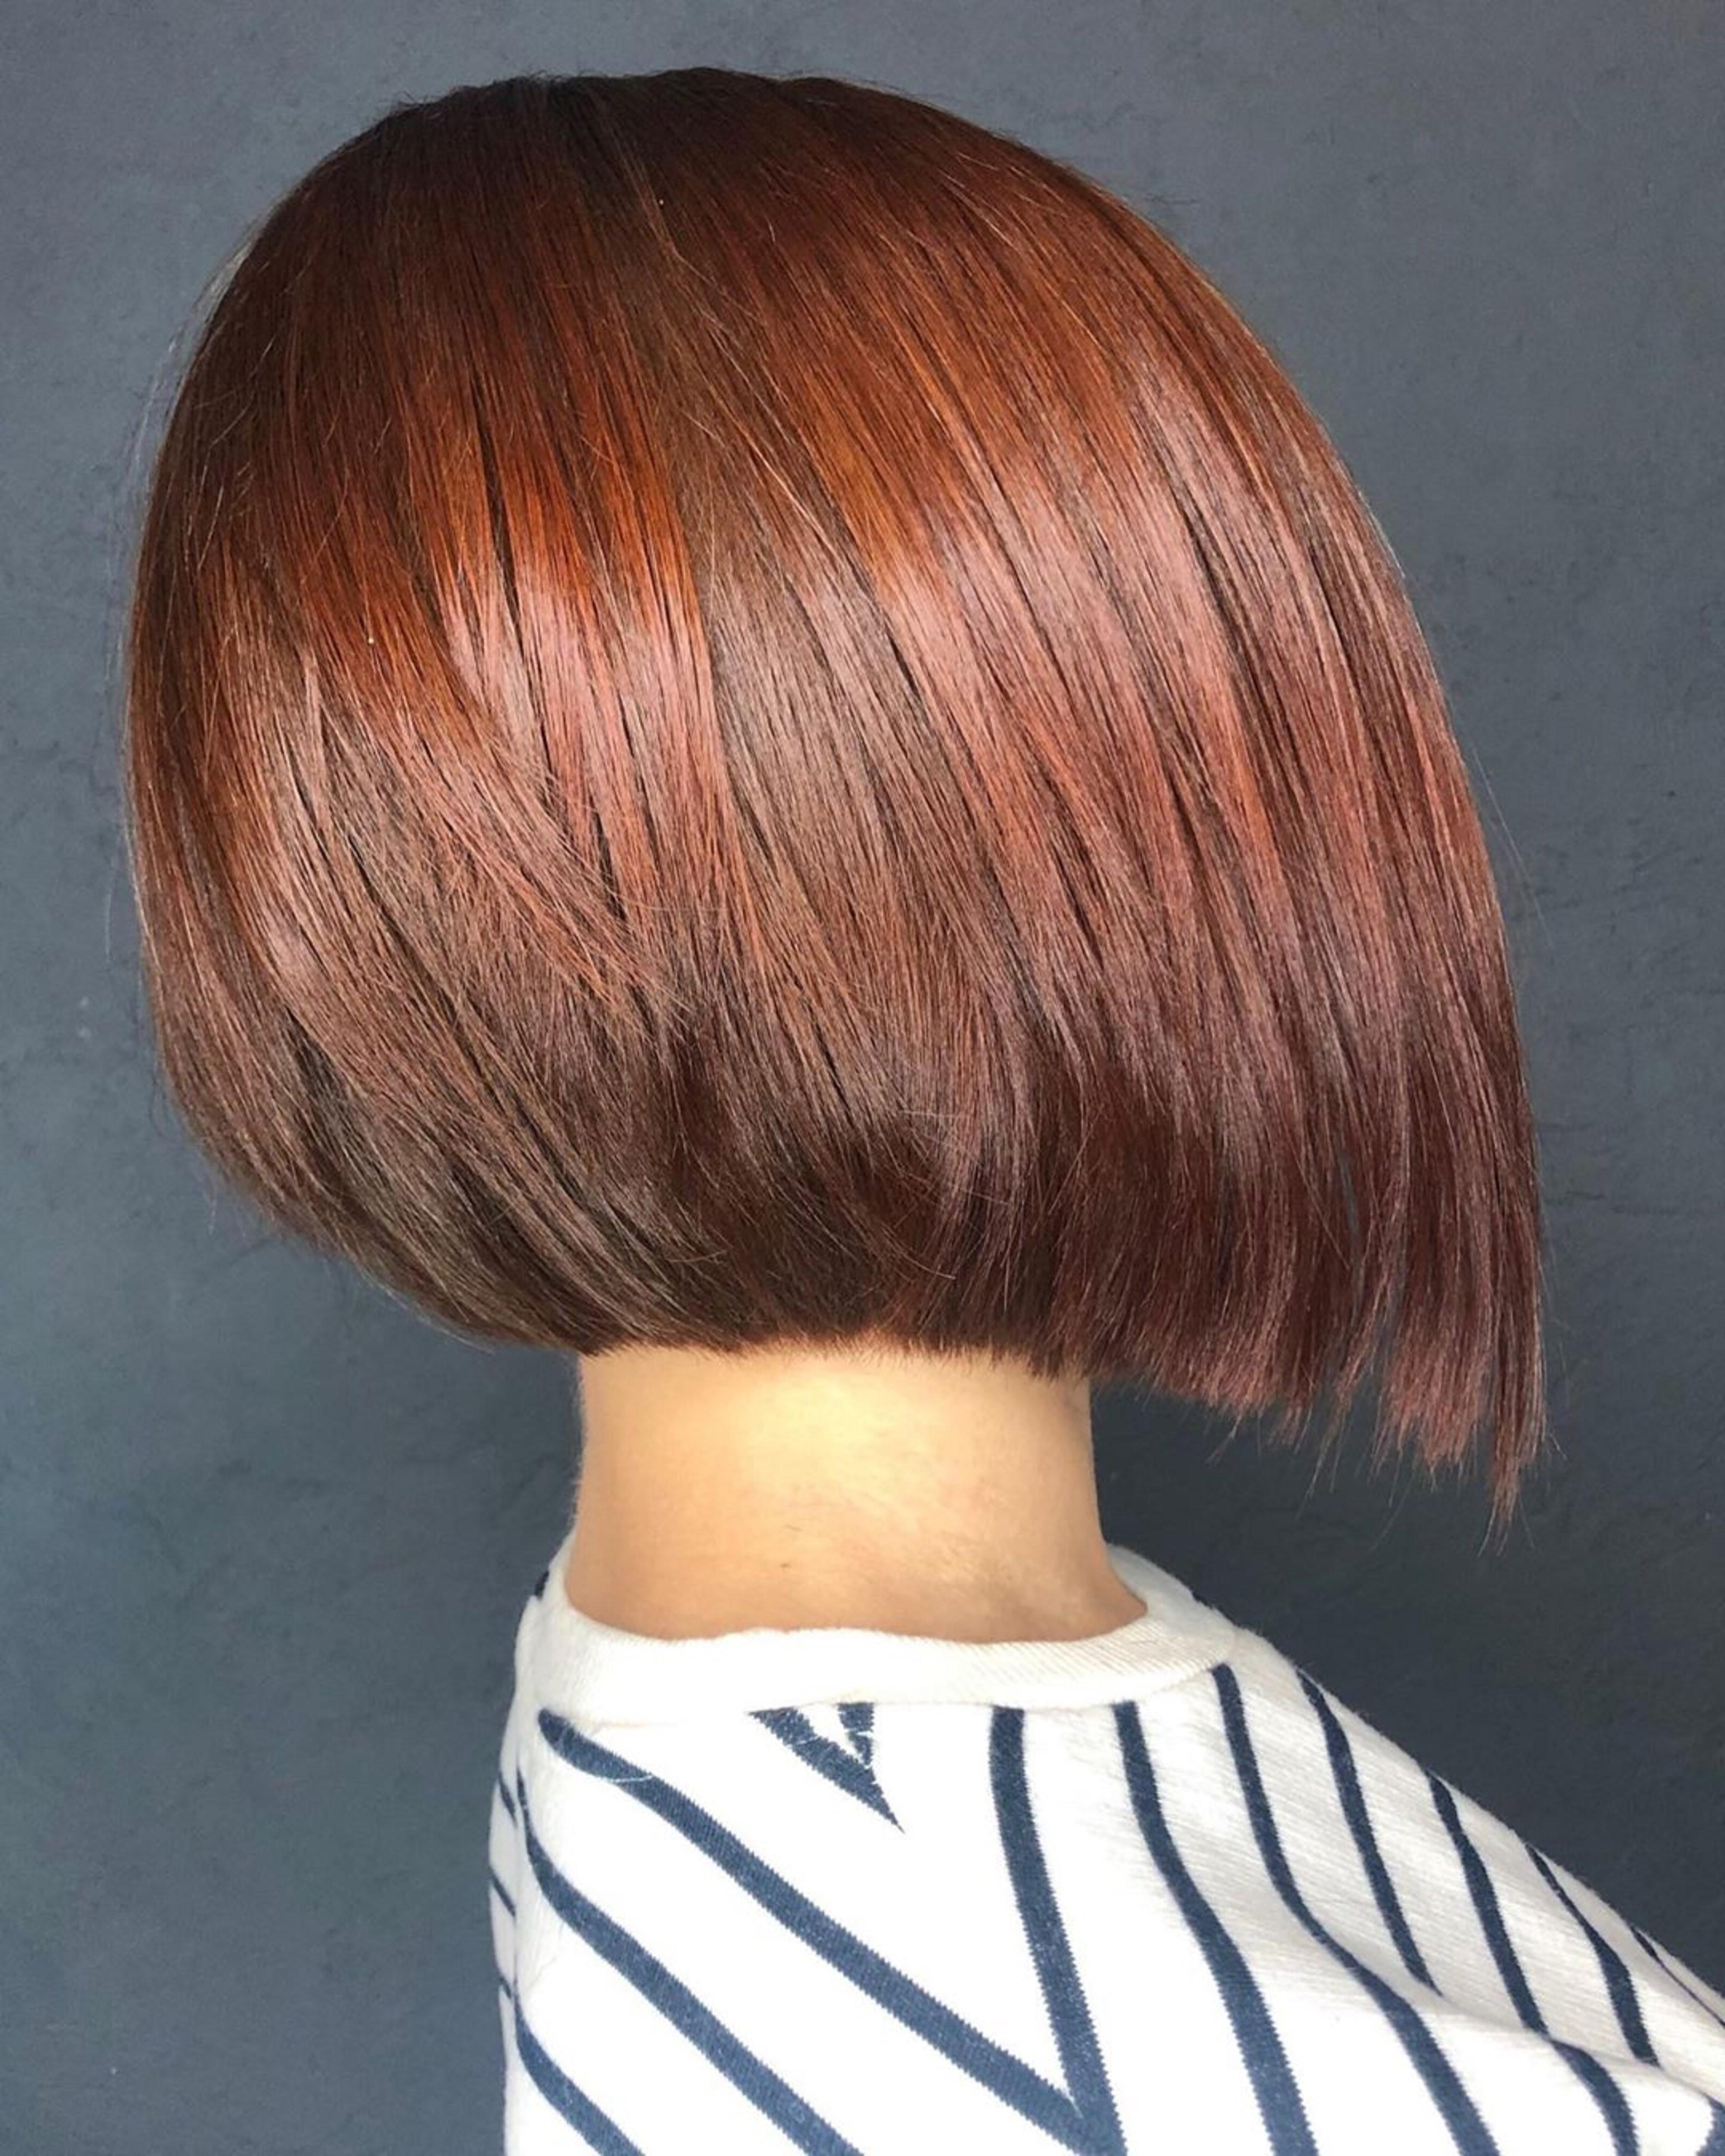 A bronde bob haircut.